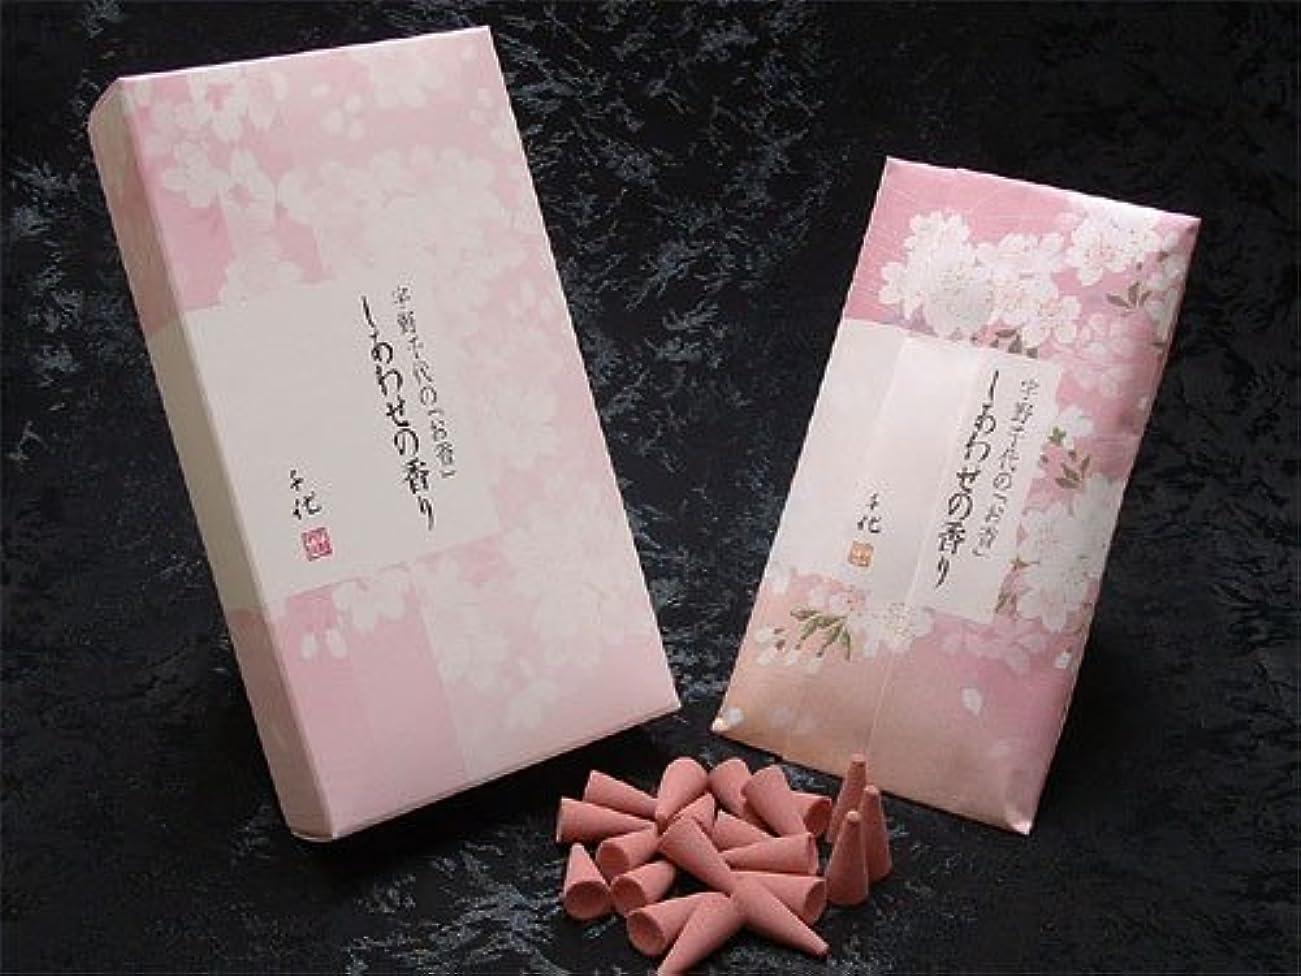 初期の対象ローズ日本香堂のお香 宇野千代 しあわせの香り コーン型 20個入り